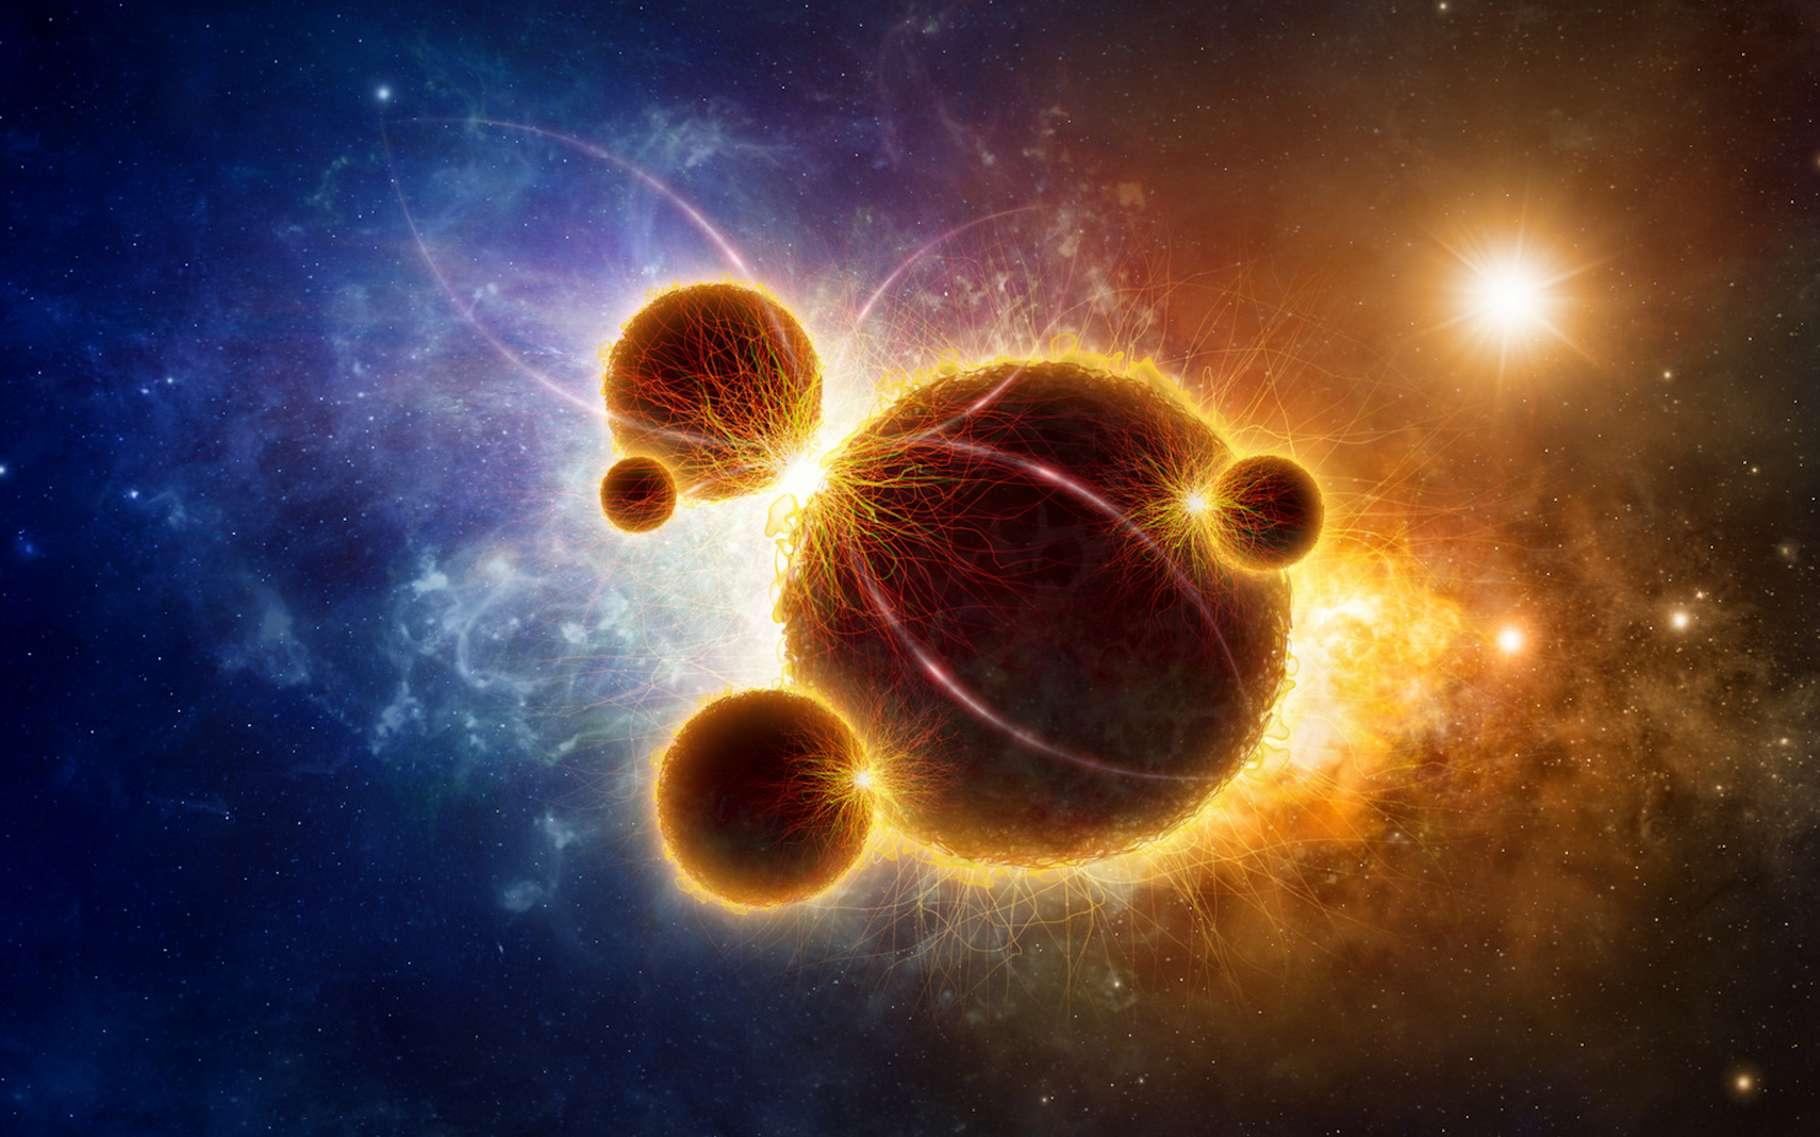 Selon des chercheurs de l'université de Californie Riverside (États-Unis), la zone dans laquelle chercher des planètes abritant une vie complexe est bien plus petite que la classique zone d'habitabilité décrite par les astronomes. © IgorZh, Fotolia